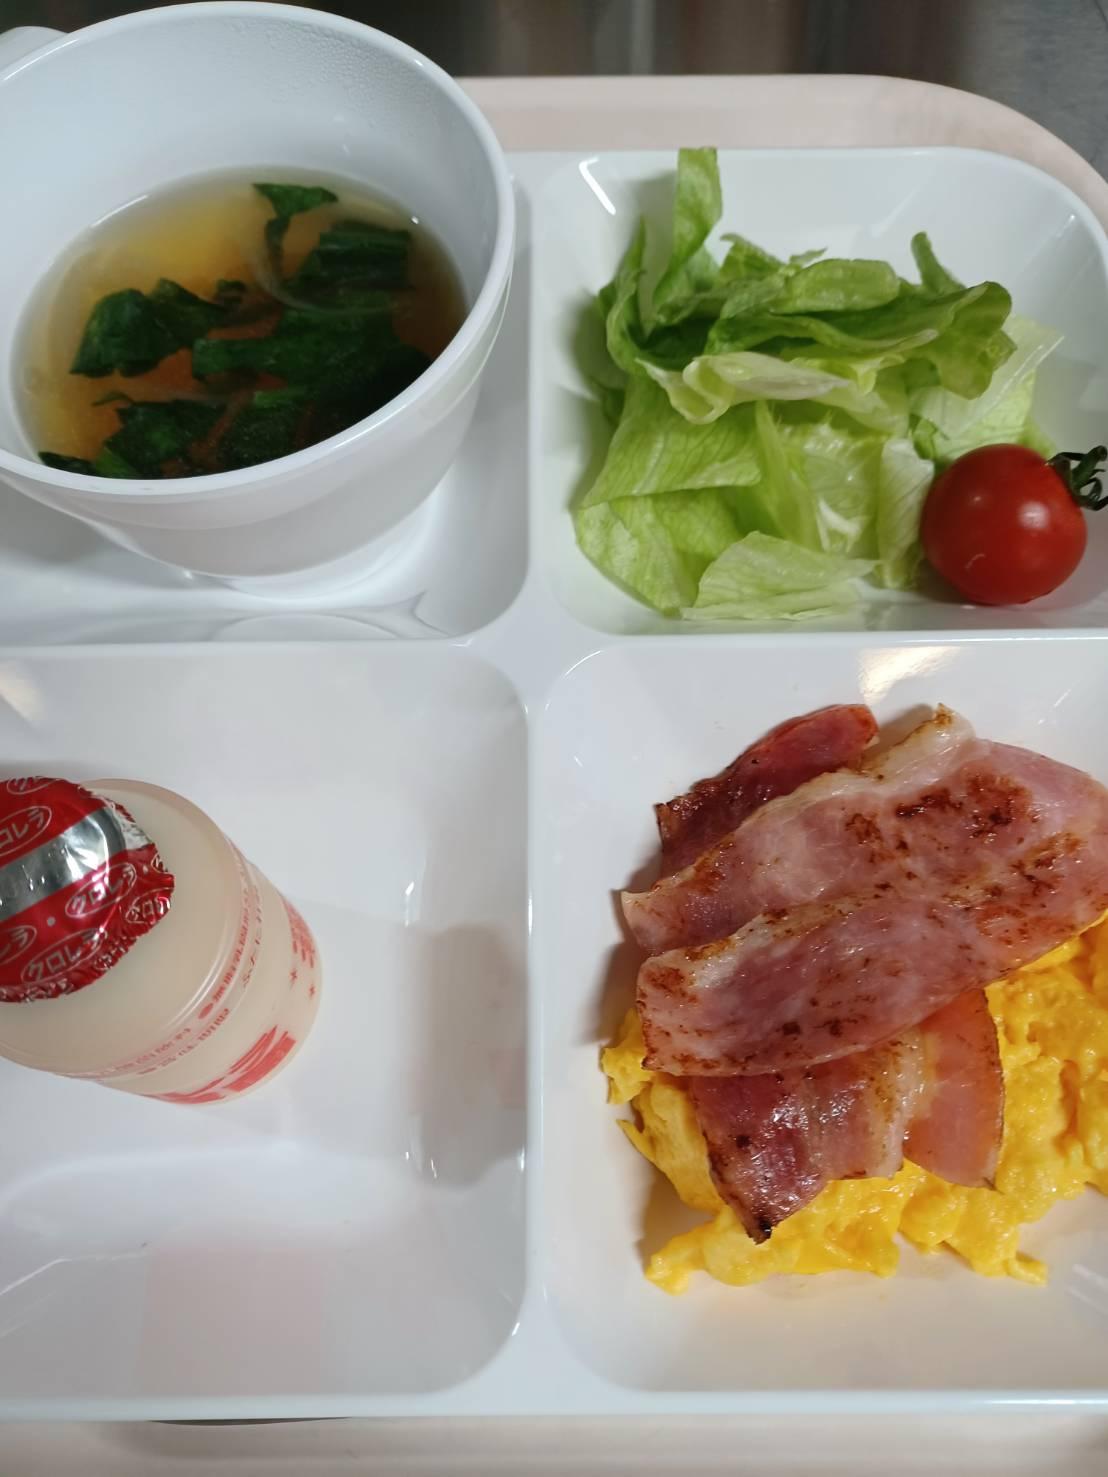 【5/17朝食】スクランブルエッグ&ベーコンとパン(Scrambledegg Bacon&Bread)